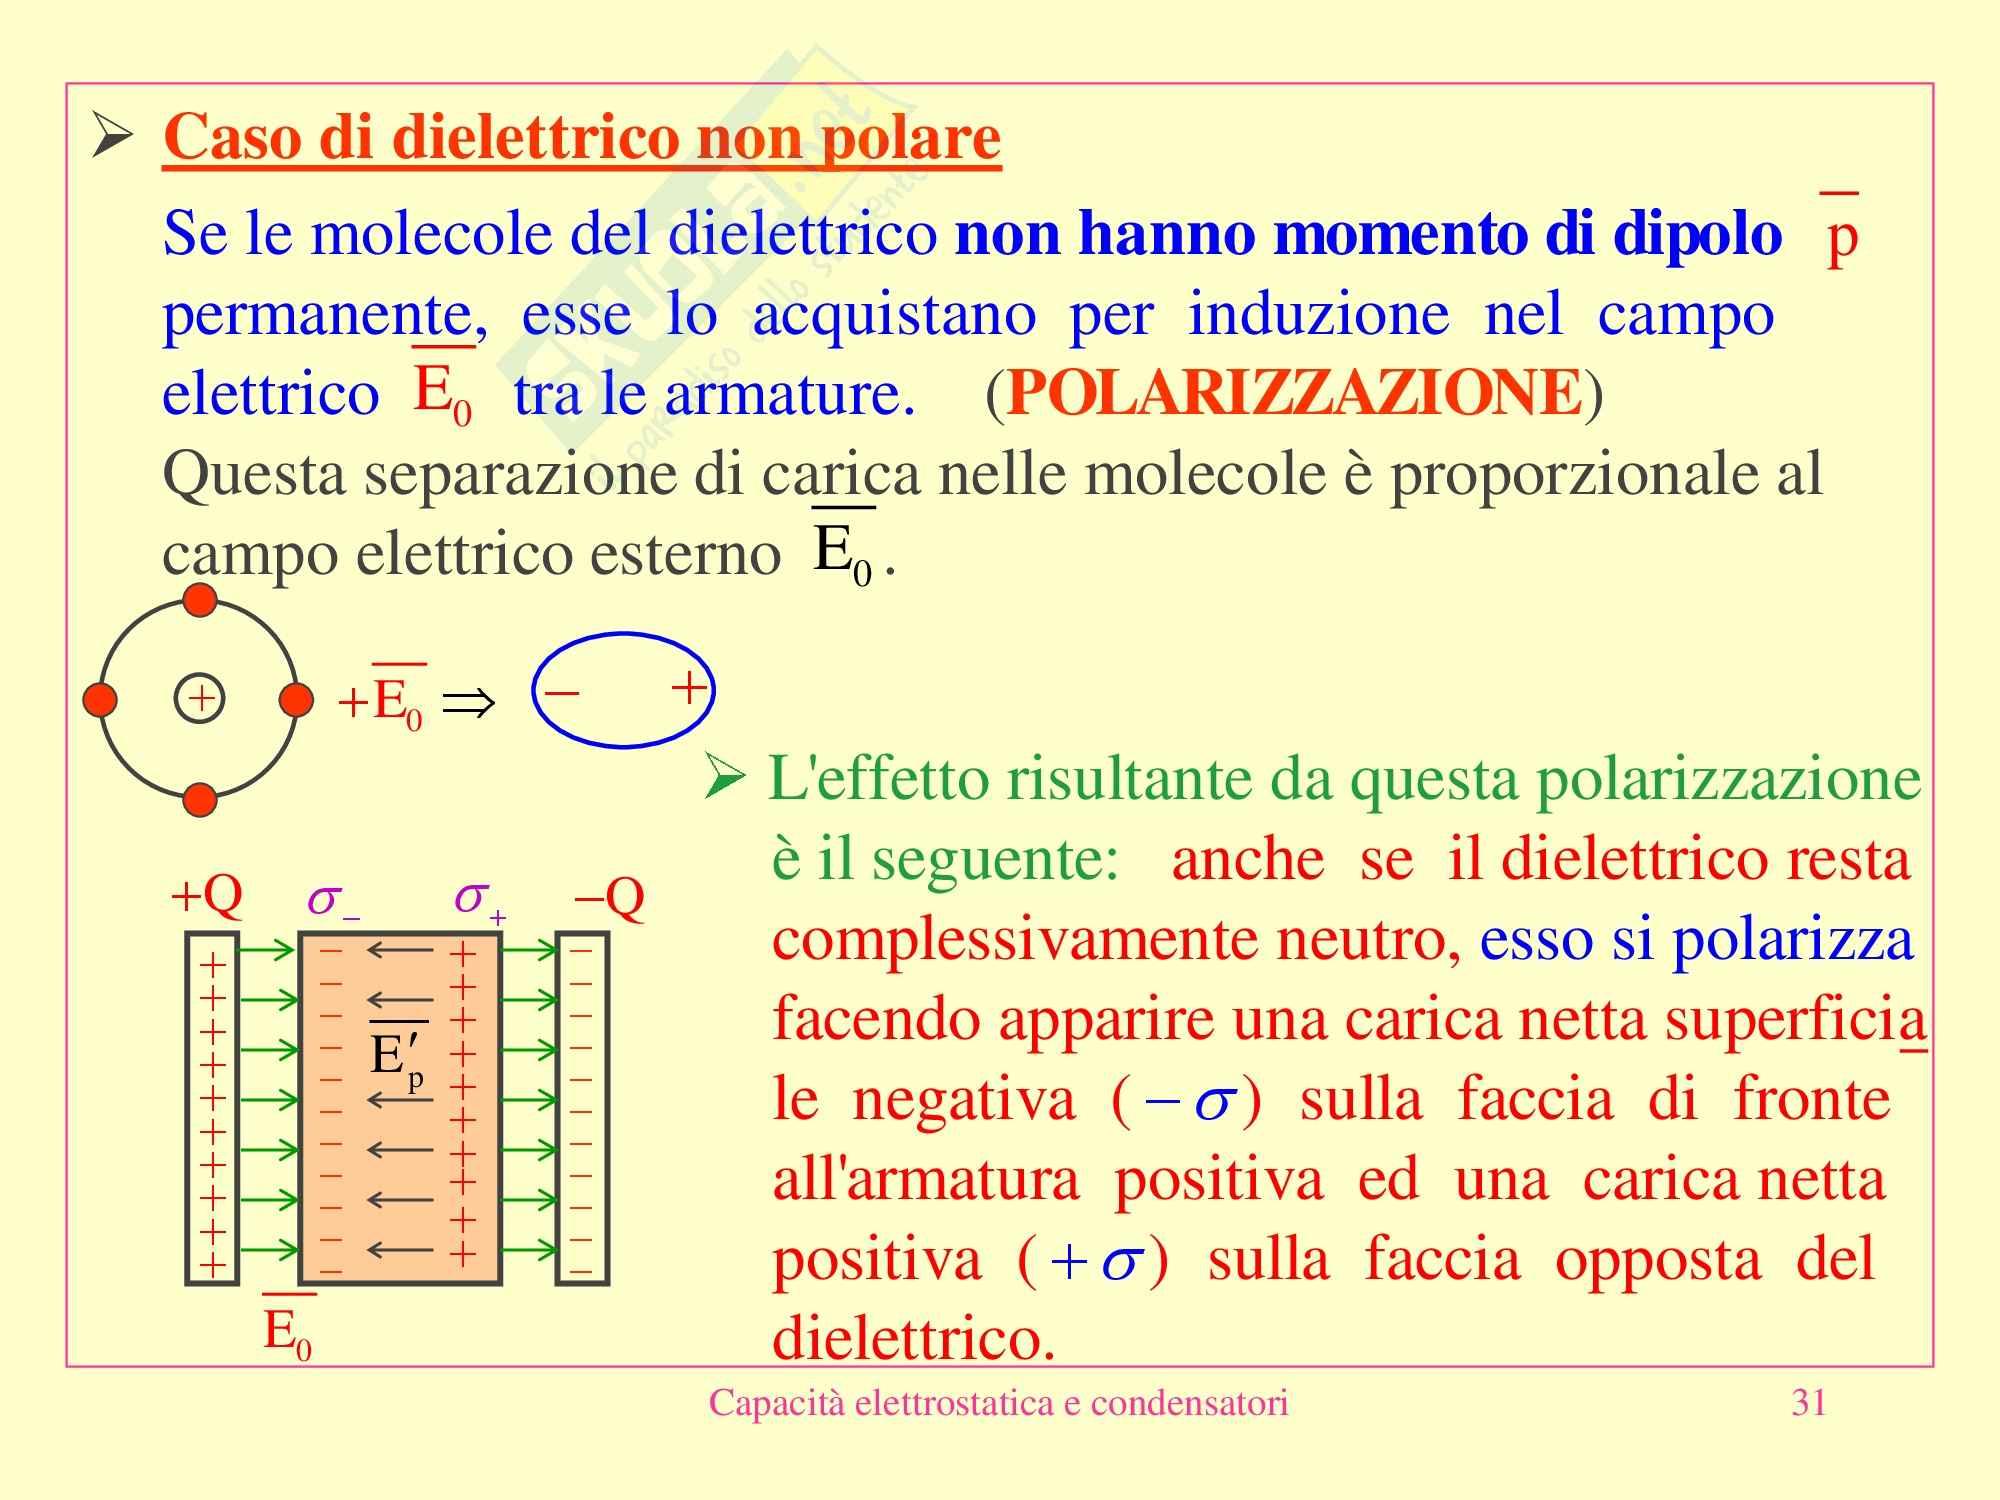 Fisica medica - Capacità elettrostatica e condensatori Pag. 31